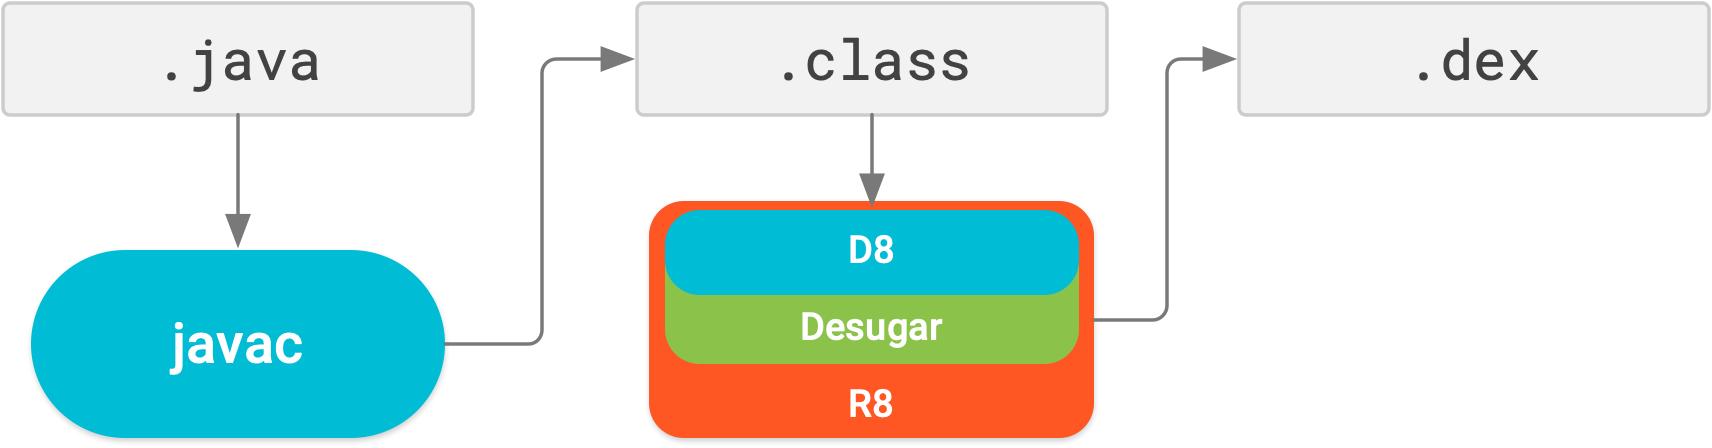 R8에서는 디슈가링, 축소, 난독화, 최적화 및 덱싱이 모두 하나의 컴파일 단계에서 실행됩니다.